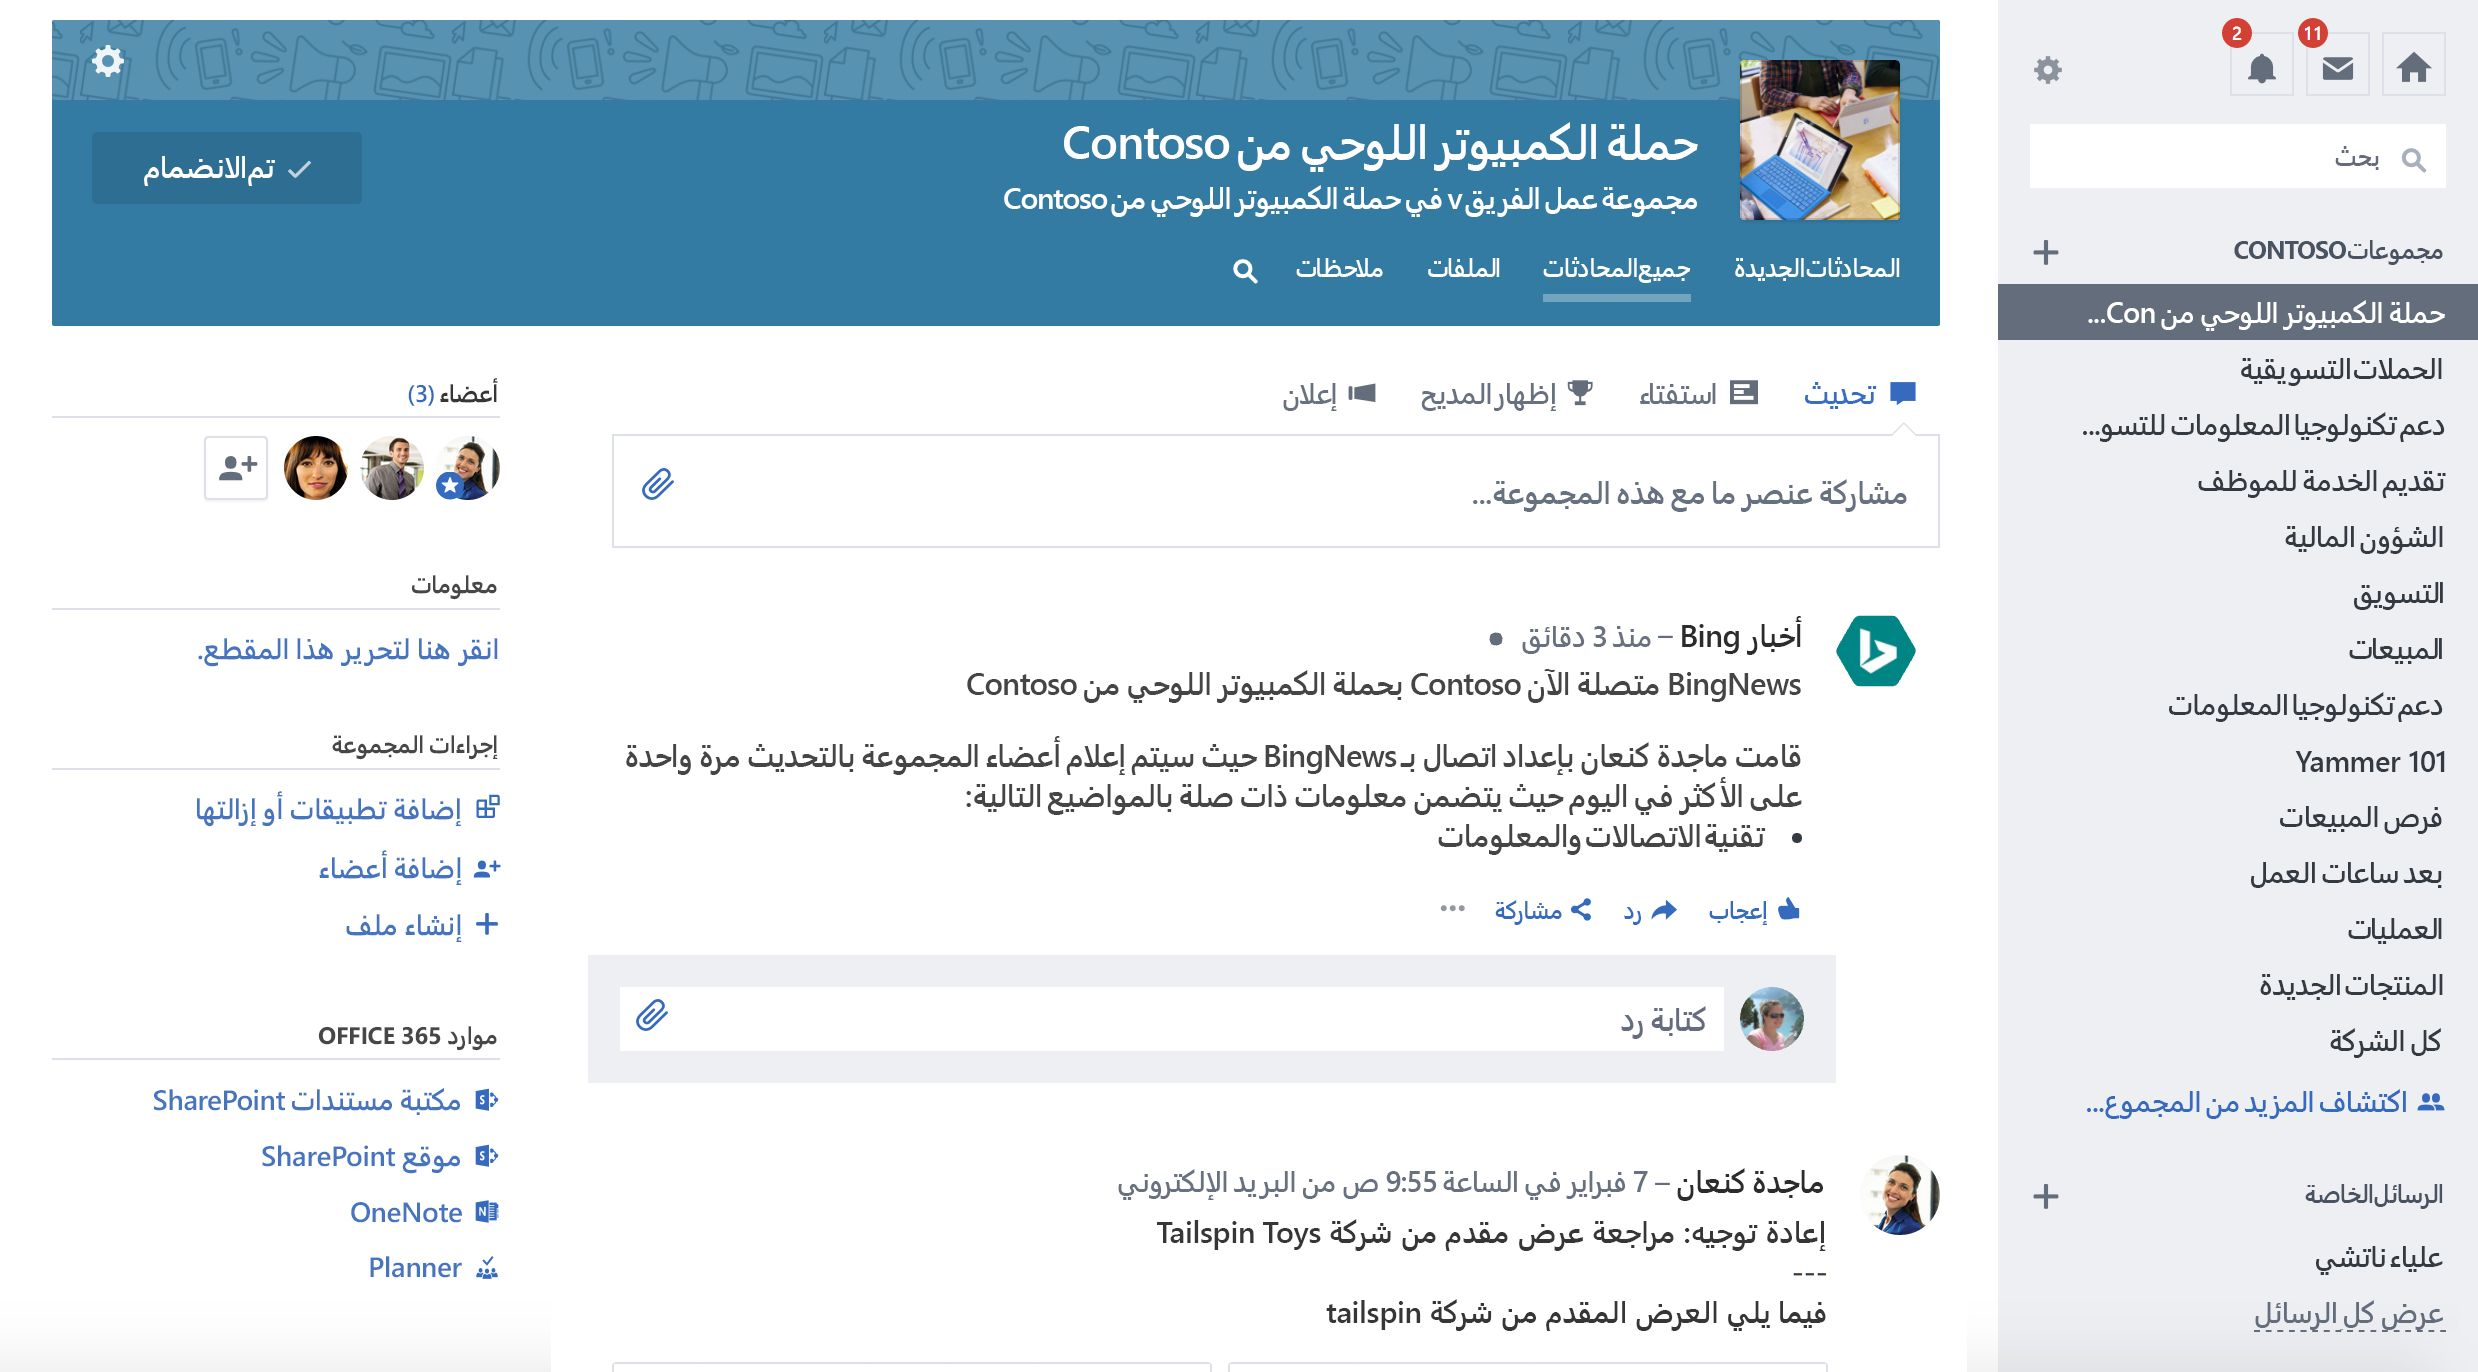 لقطه شاشه ل Office 365 متصله مجموعه Yammer ب# استخدام اتصال جديد